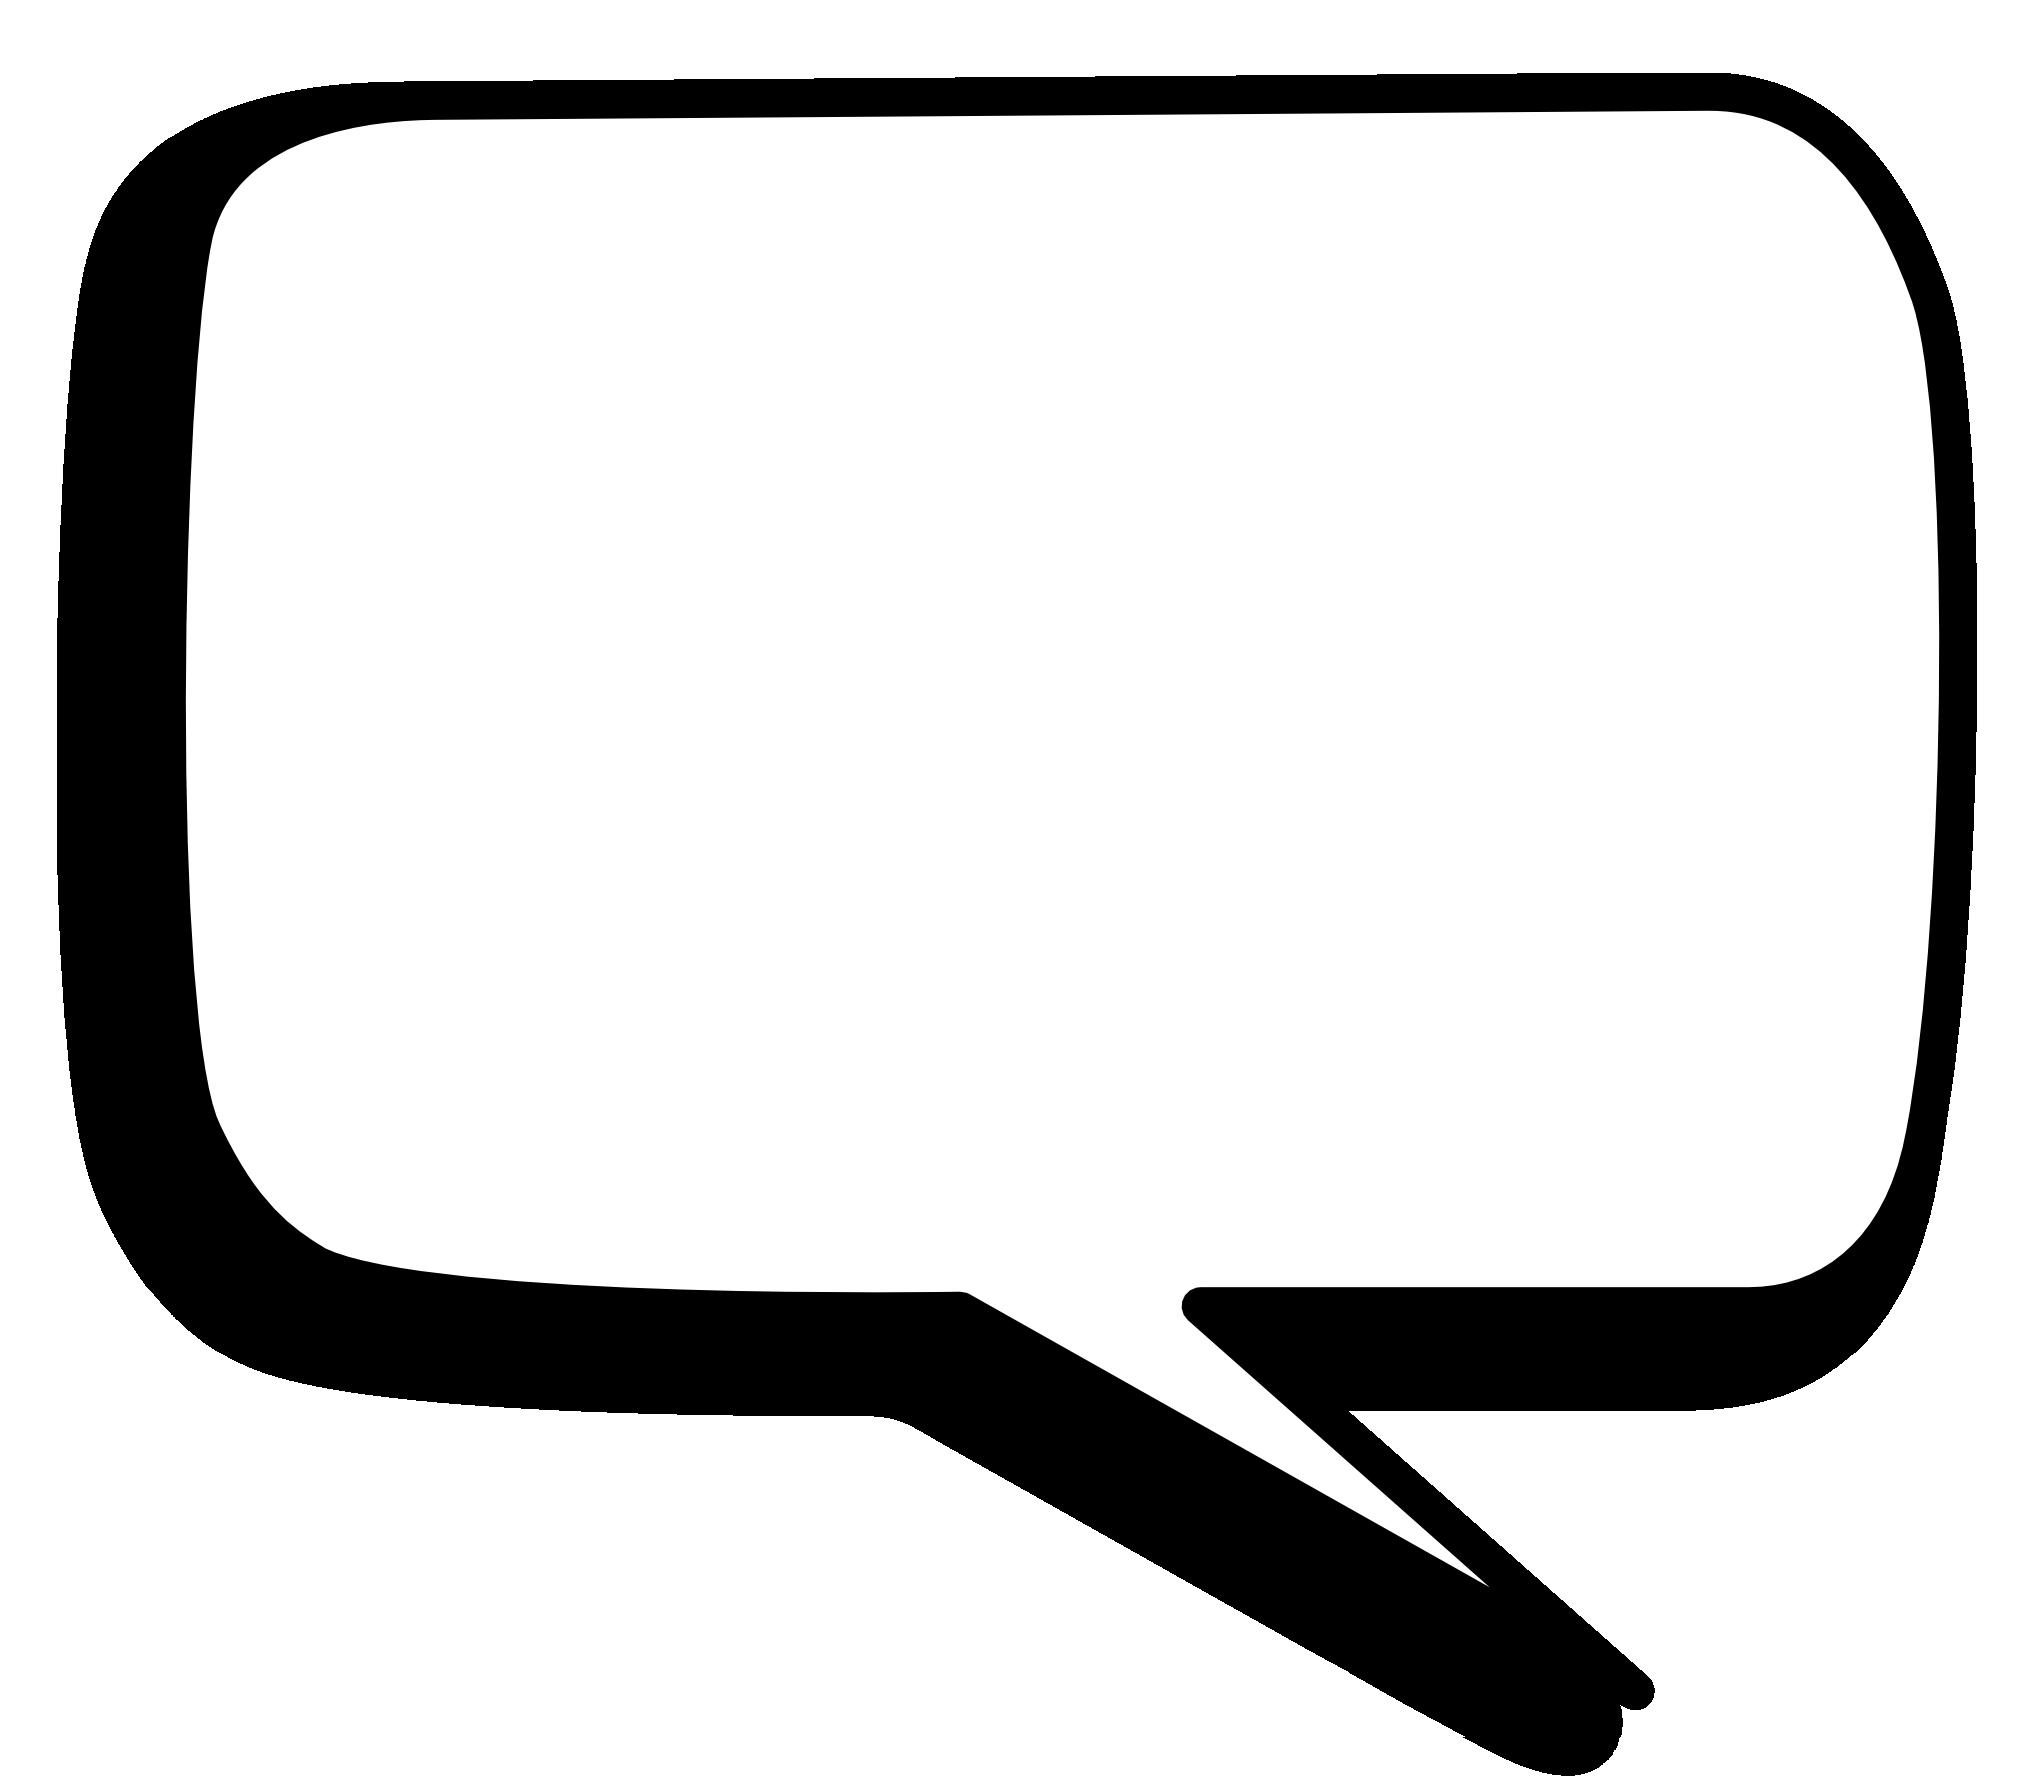 Png image pngpix . Square clipart speech bubble